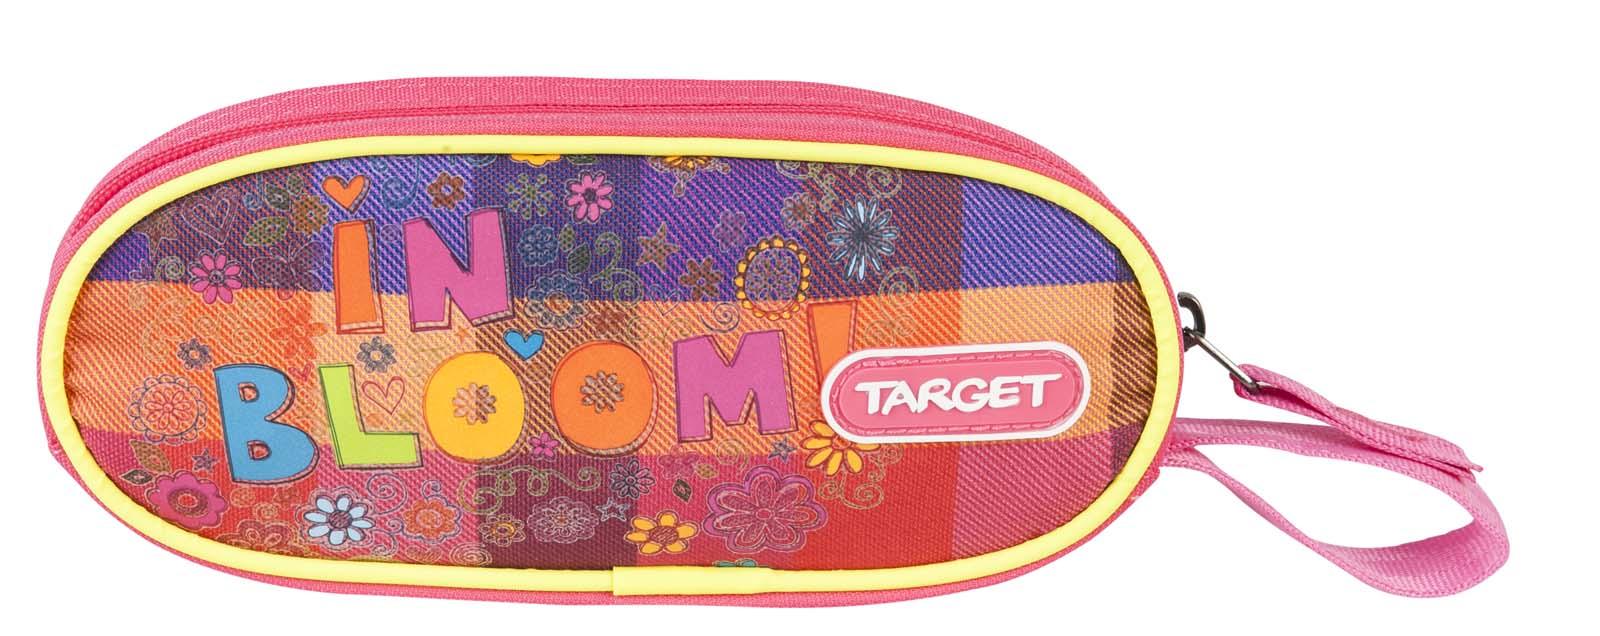 Target Collection Пенал Цветение72523WDПенал овальный школьный. Без наполнения. Размер: 21 x 9 x 4 см. Материал: Полиэстер. Предназначен для школьников 6-16 лет. Застежка-молния.